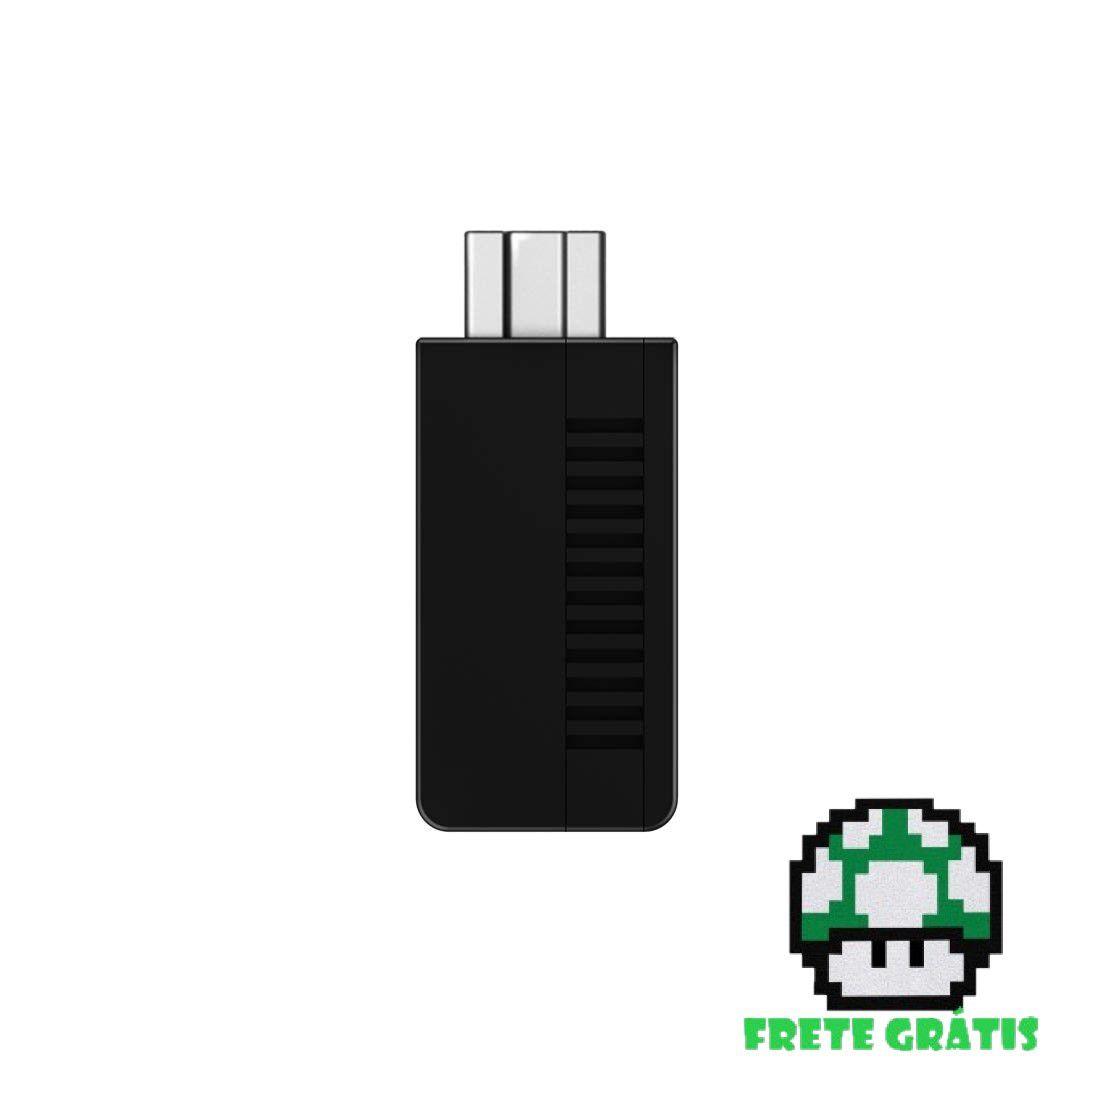 Adaptador Retro Receptor para NES, SNES, SFC Classic Edition 8BitDo - Envio Internacional - Frete Grátis